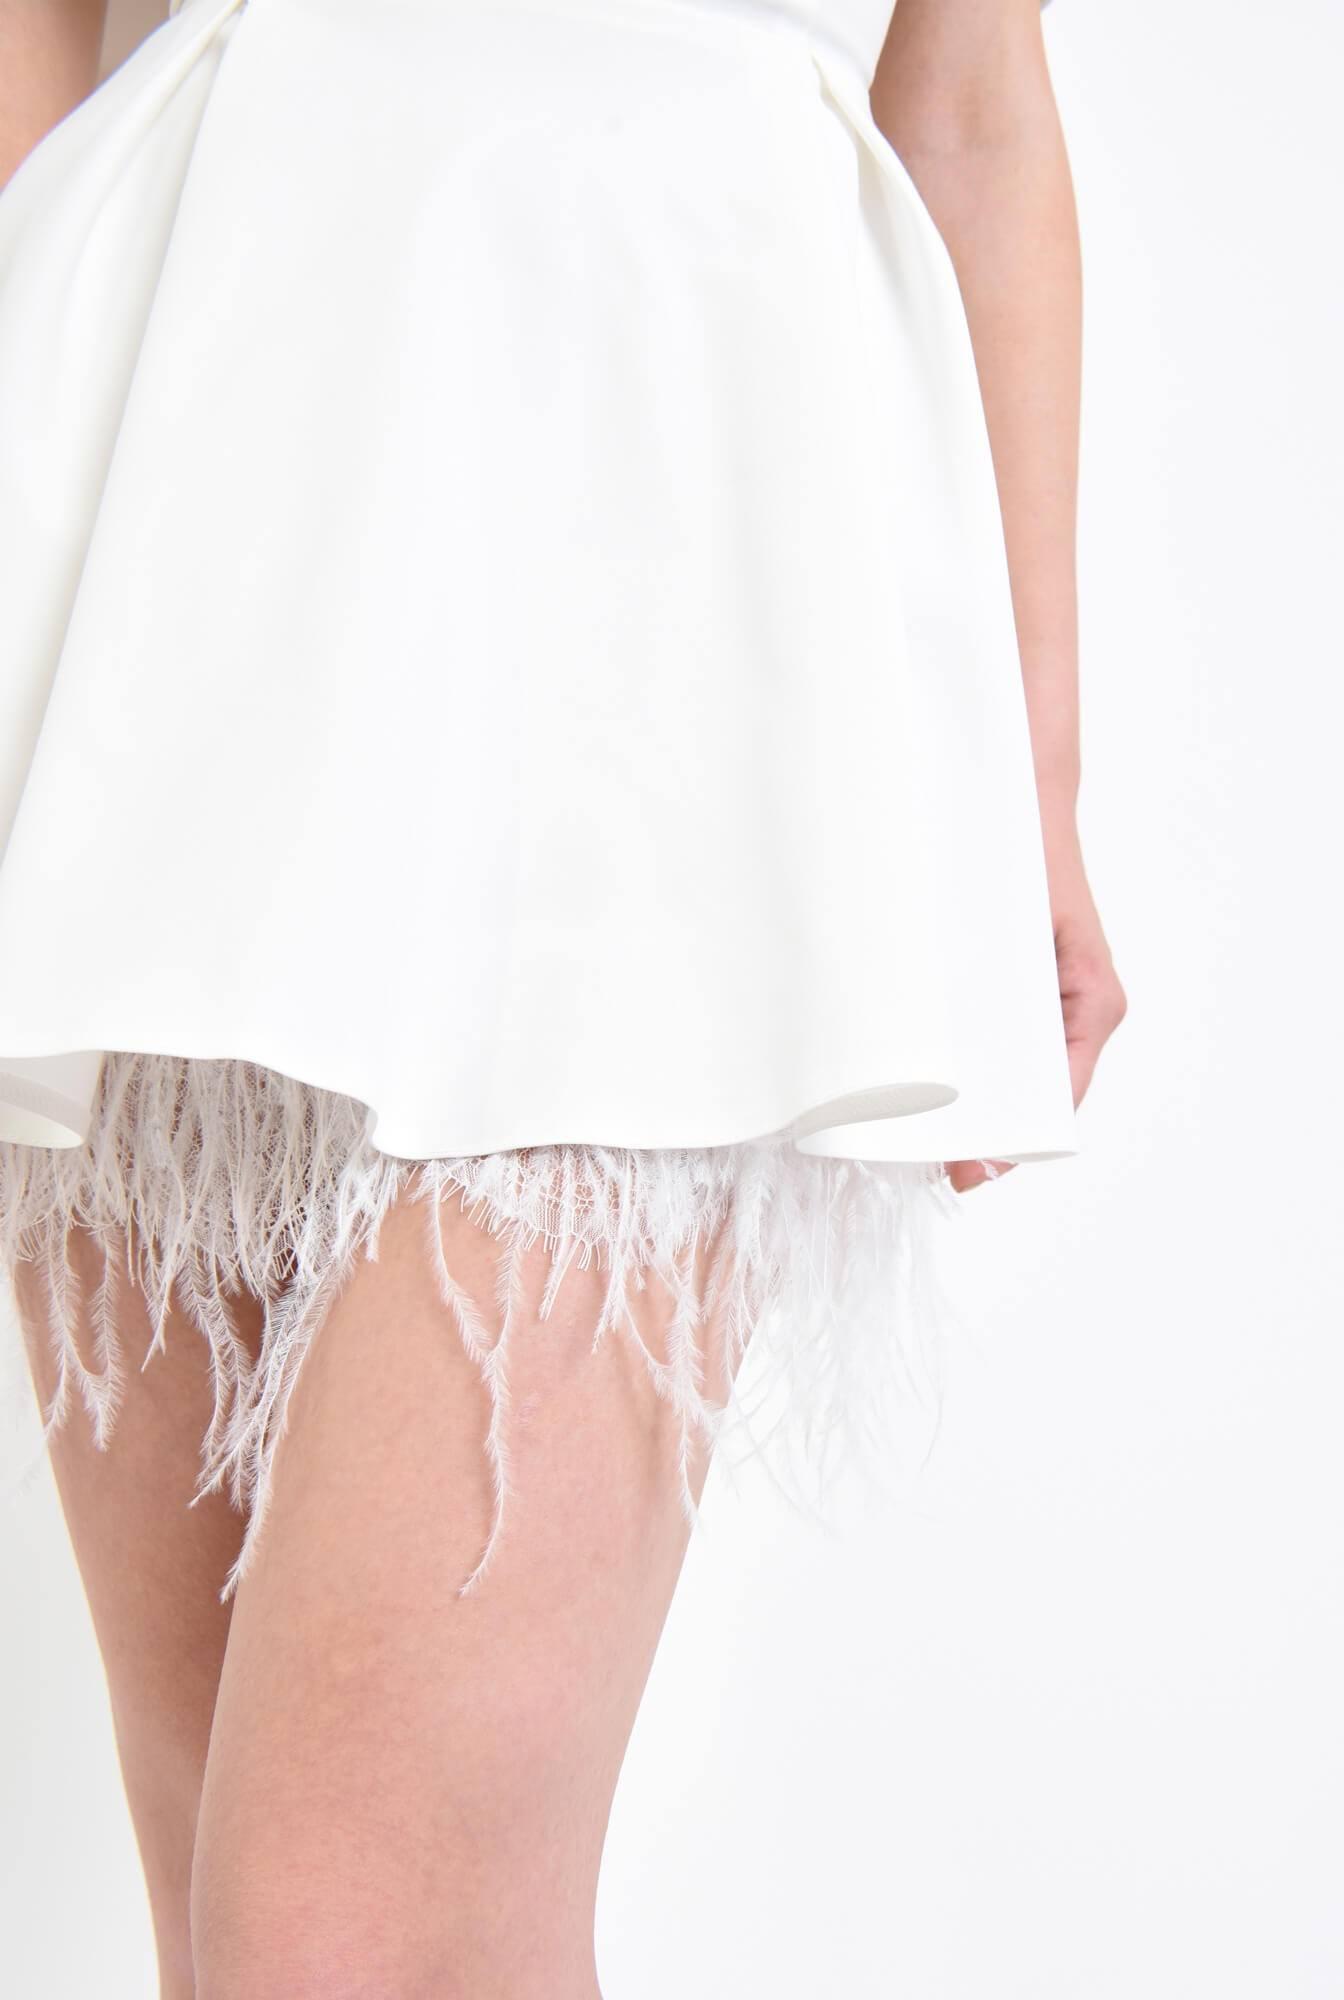 2 - Rochie eleganta cu pene de strut si pliuri